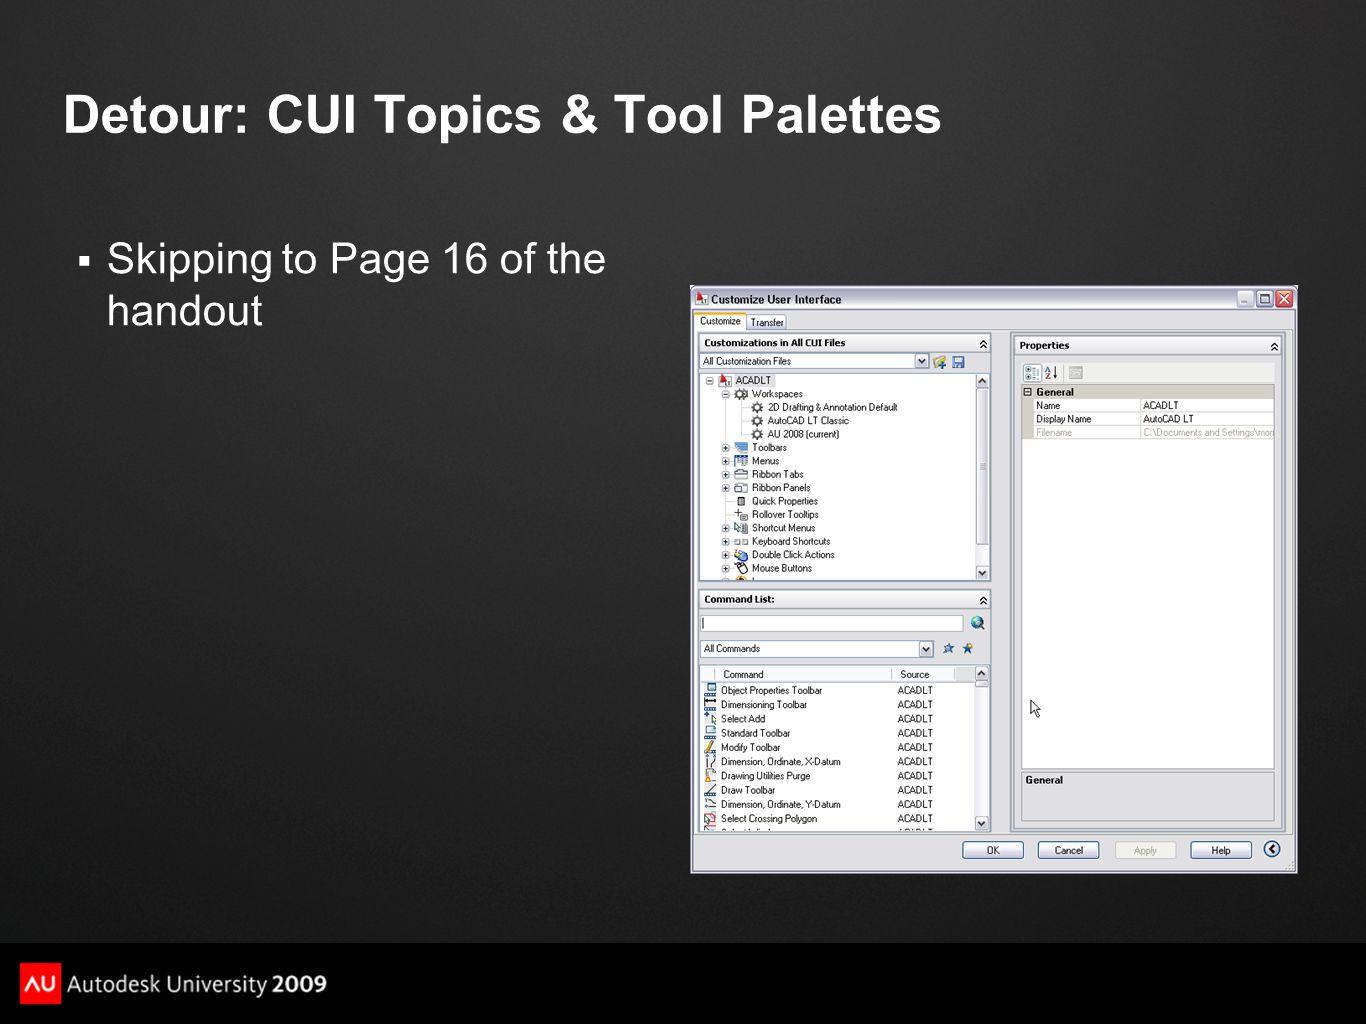 Detour: CUI Topics & Tool Palettes